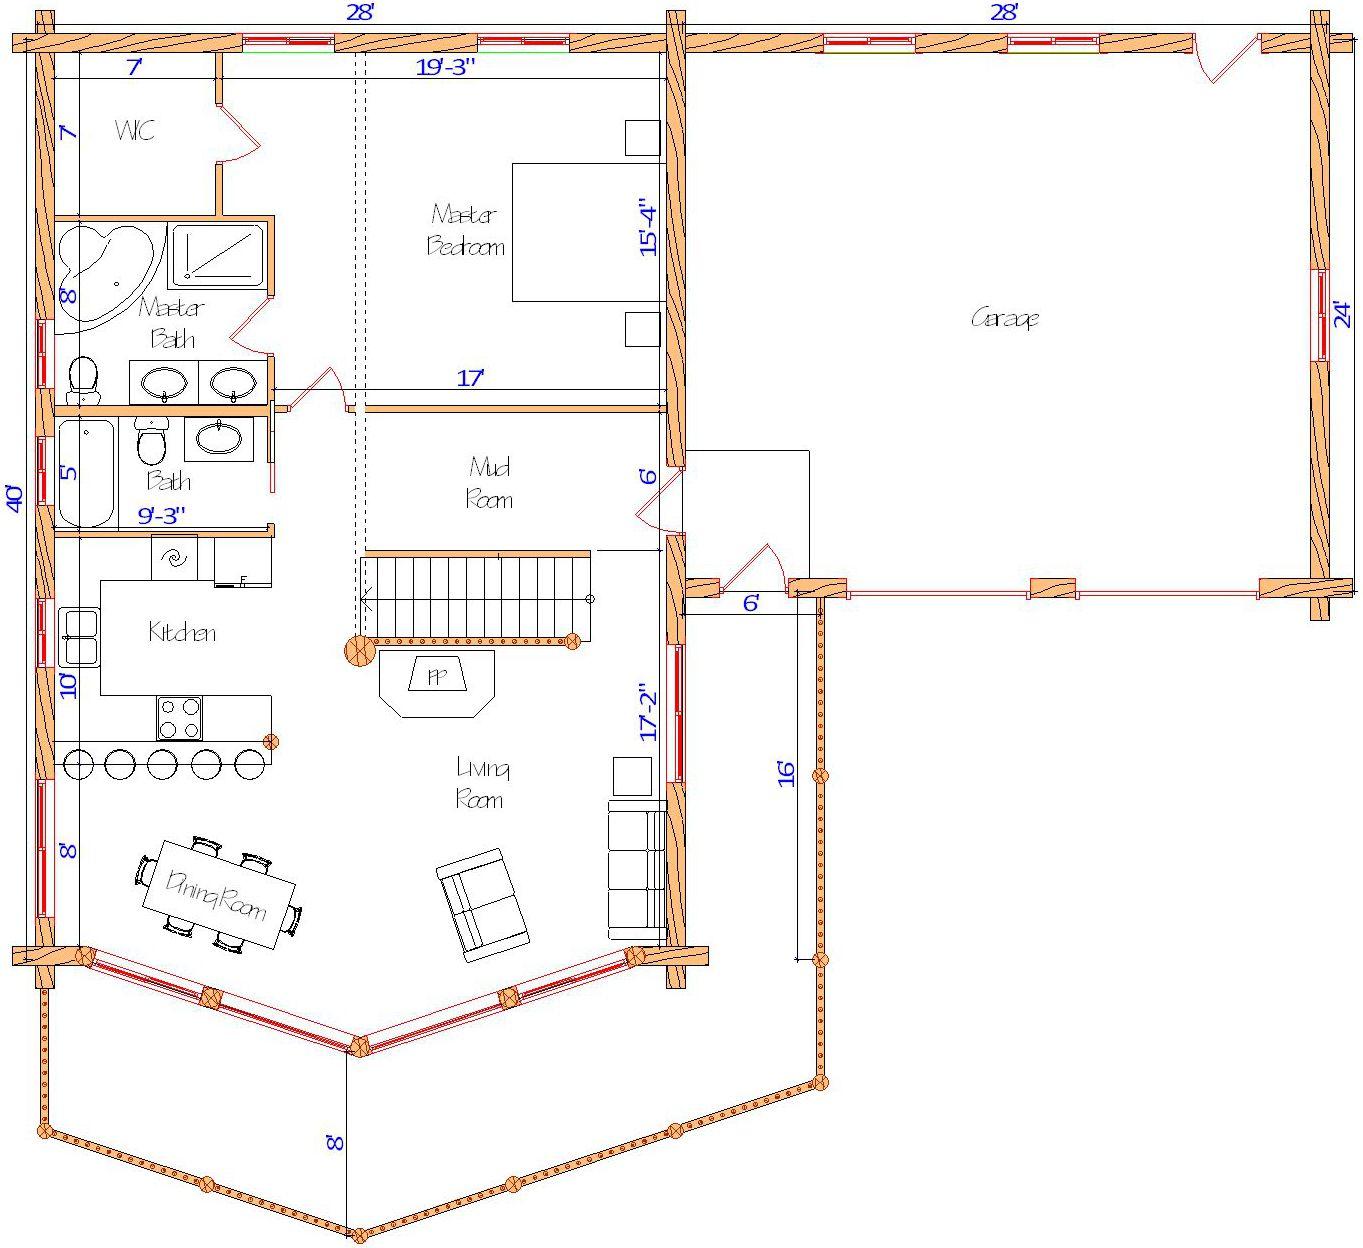 28x40 Sundown Main Floor